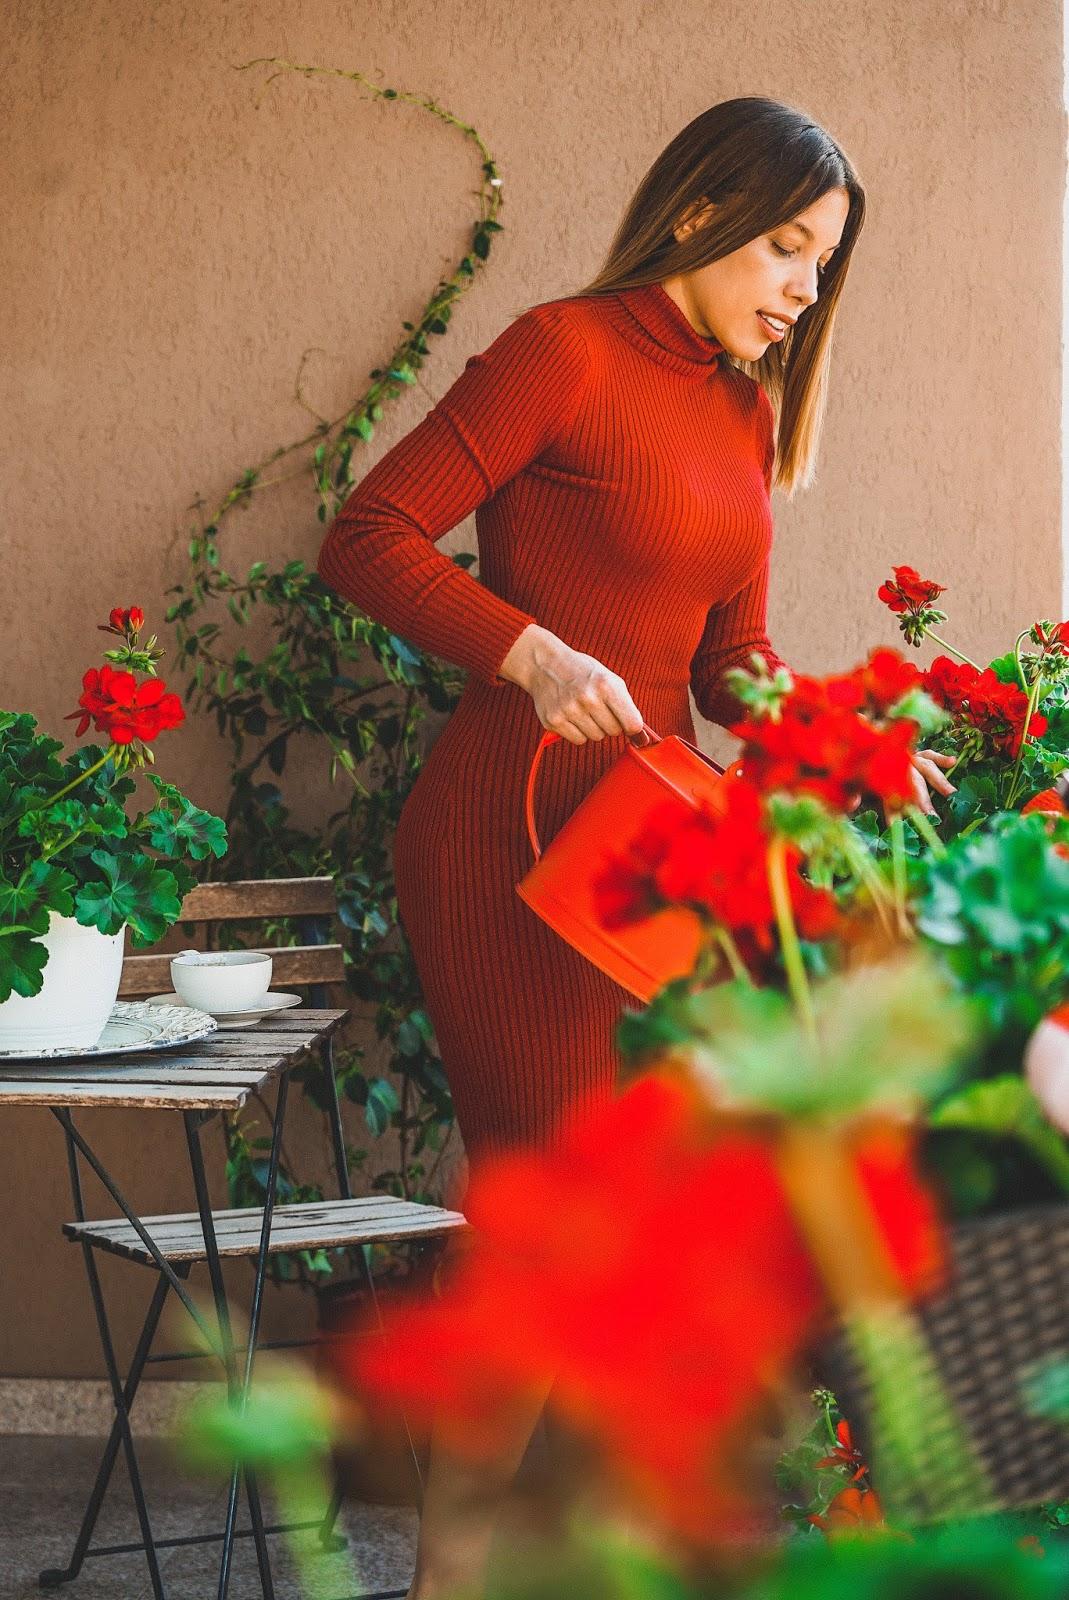 Un infinit de săruturi cu venin pe trup de femeie. Vindecă-le cu o floare! – Deverra